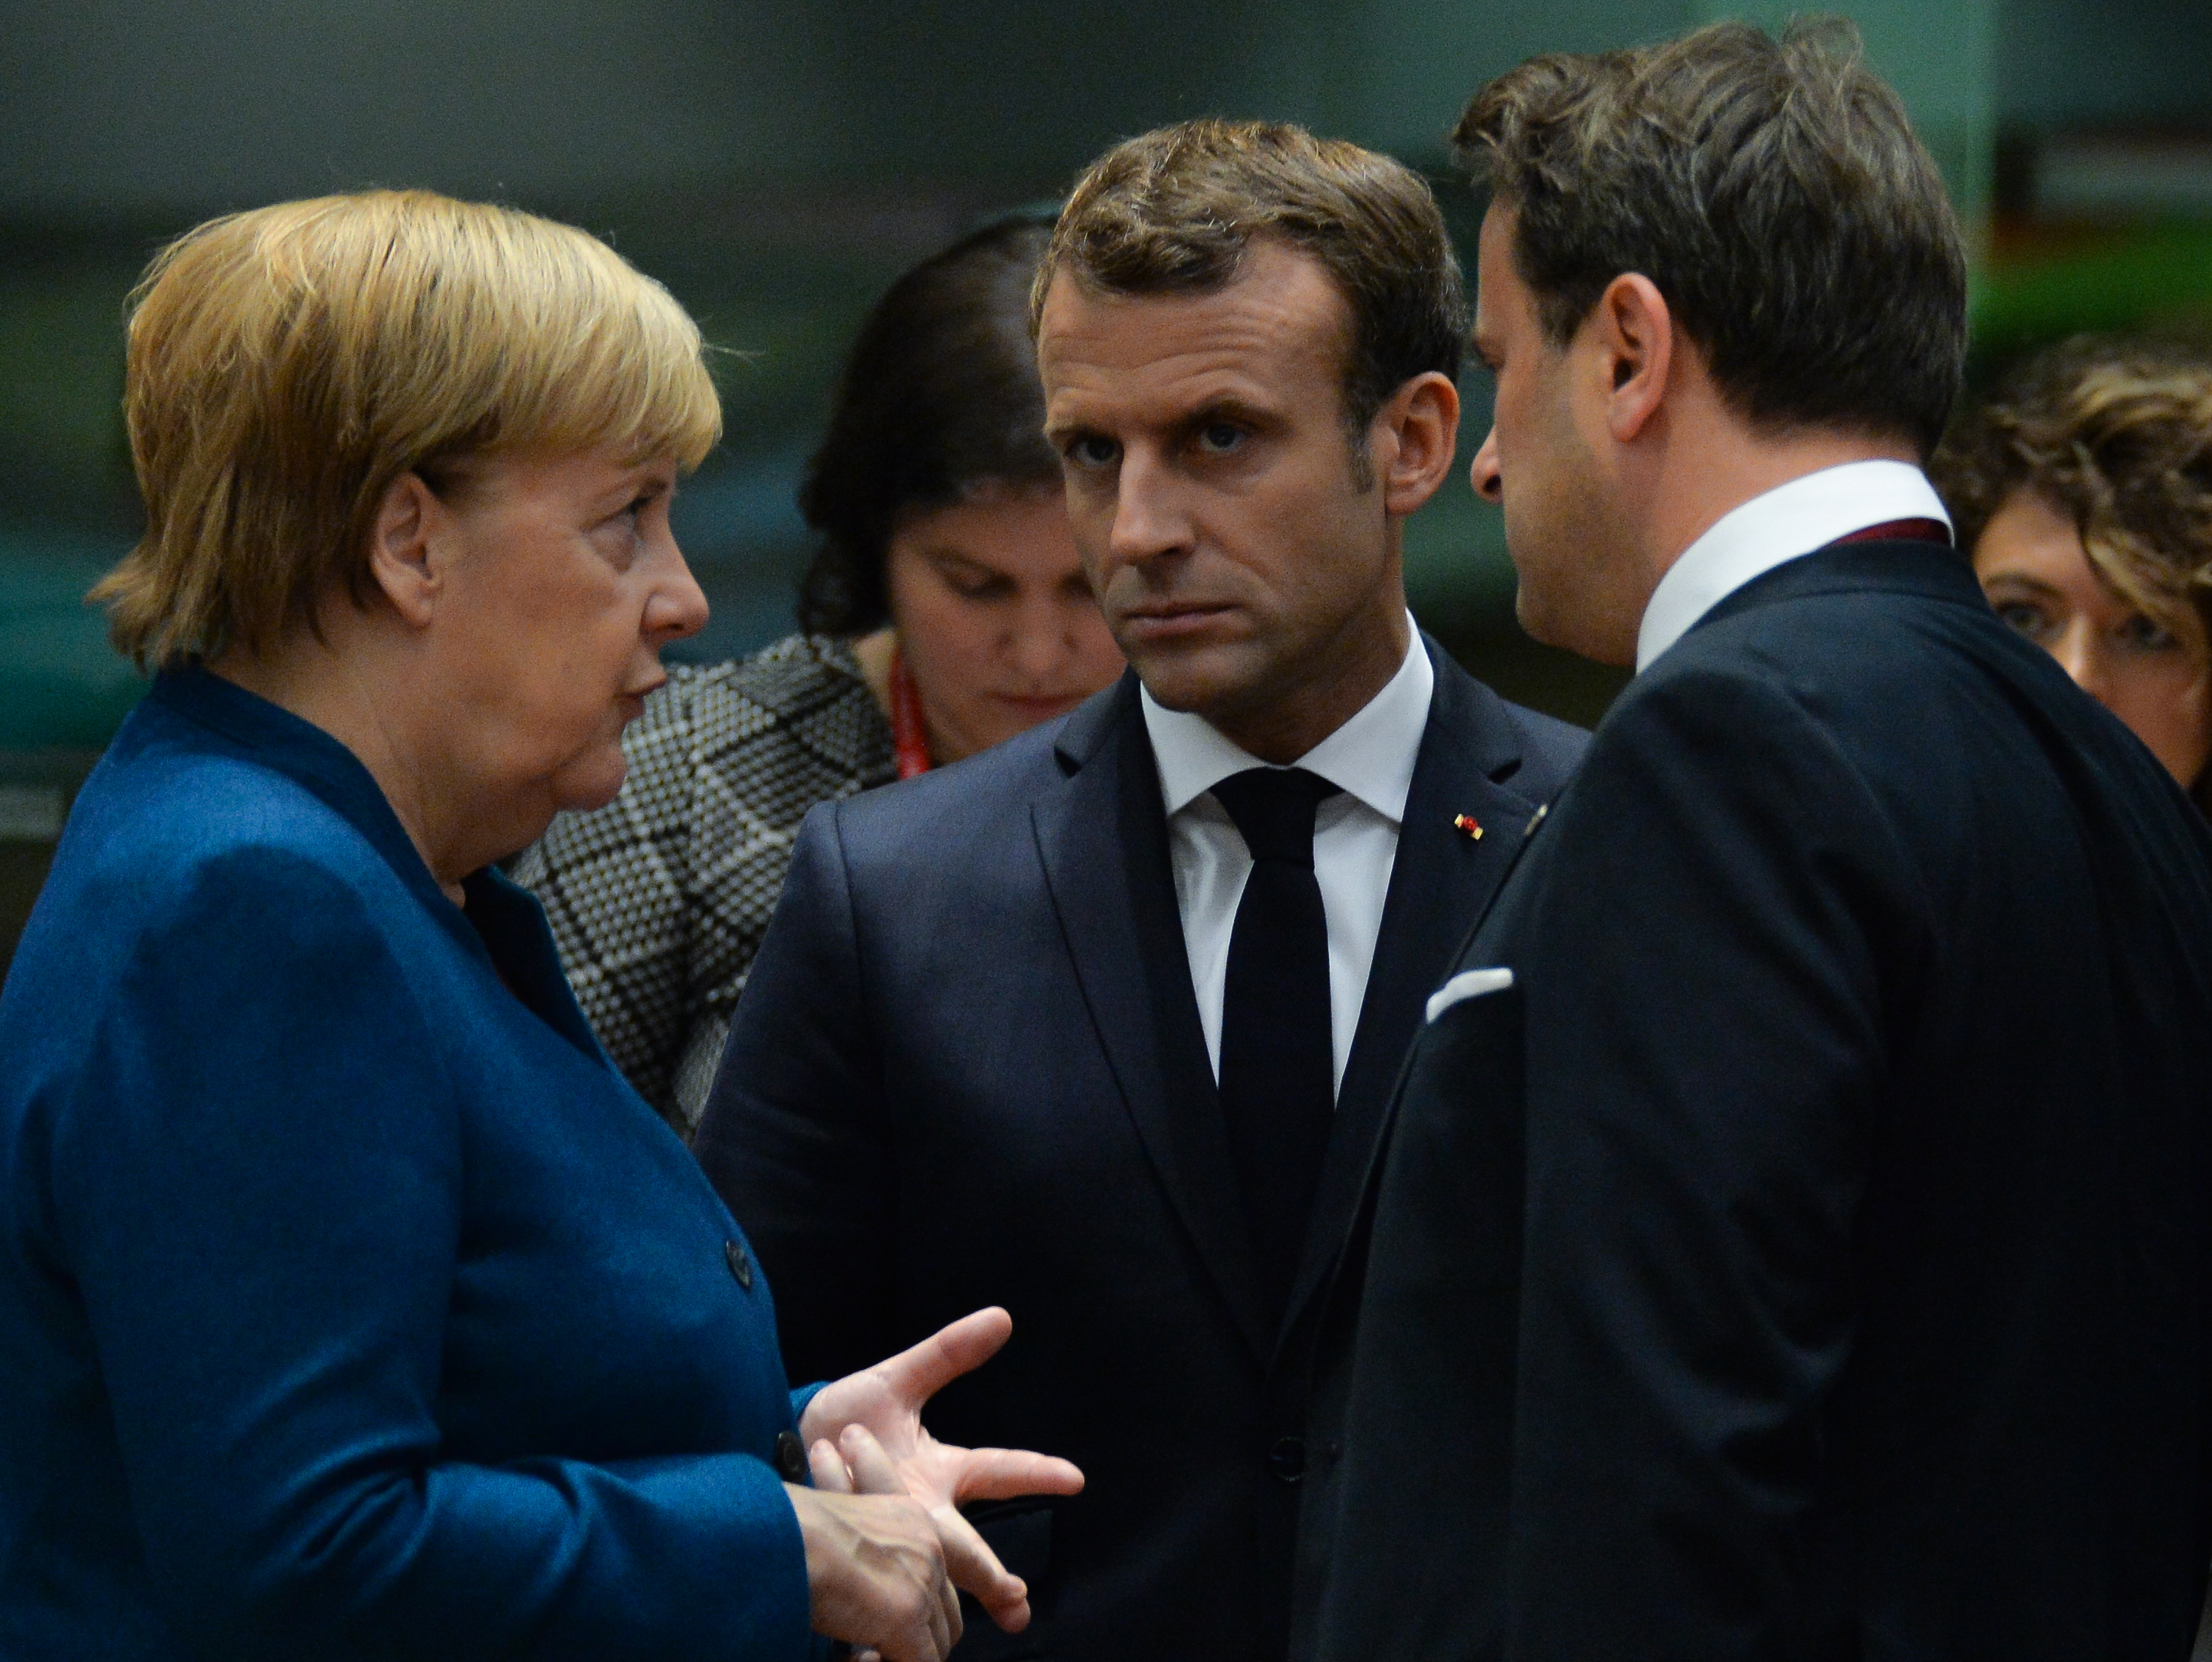 Macron megfúrta az uniós csatlakozási tárgyalások megkezdését Észak-Macedóniával és Albániával